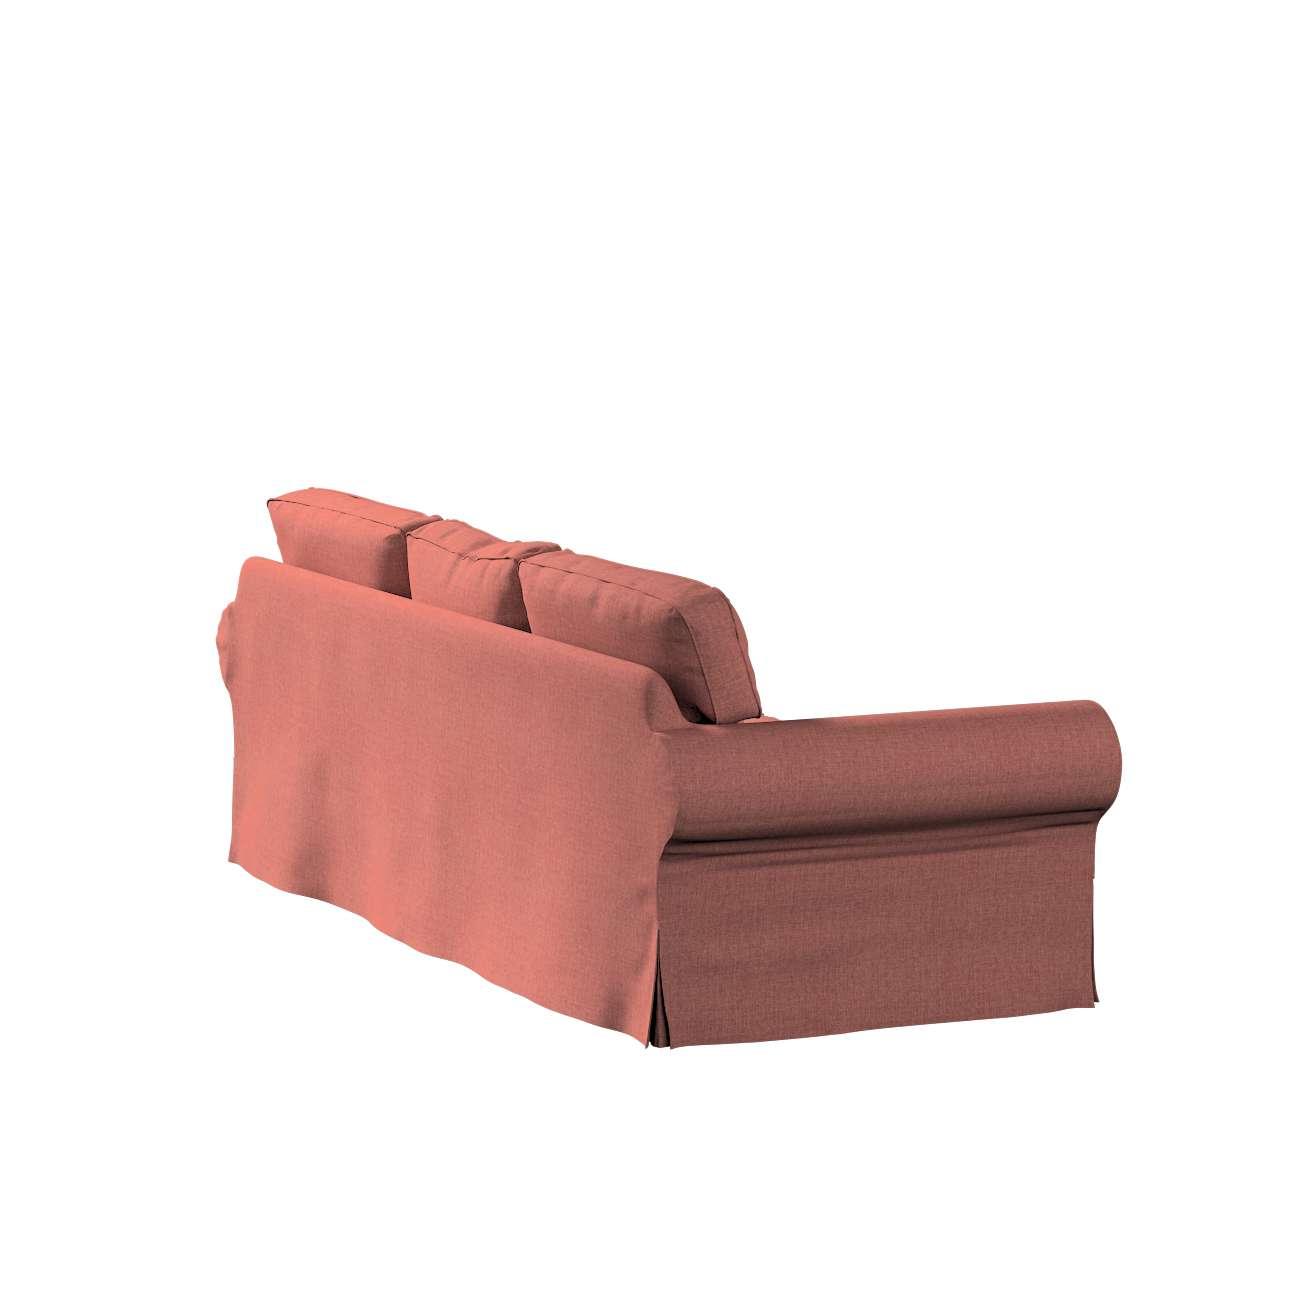 Pokrowiec na sofę Ektorp 3-osobową, rozkładaną w kolekcji City, tkanina: 704-84